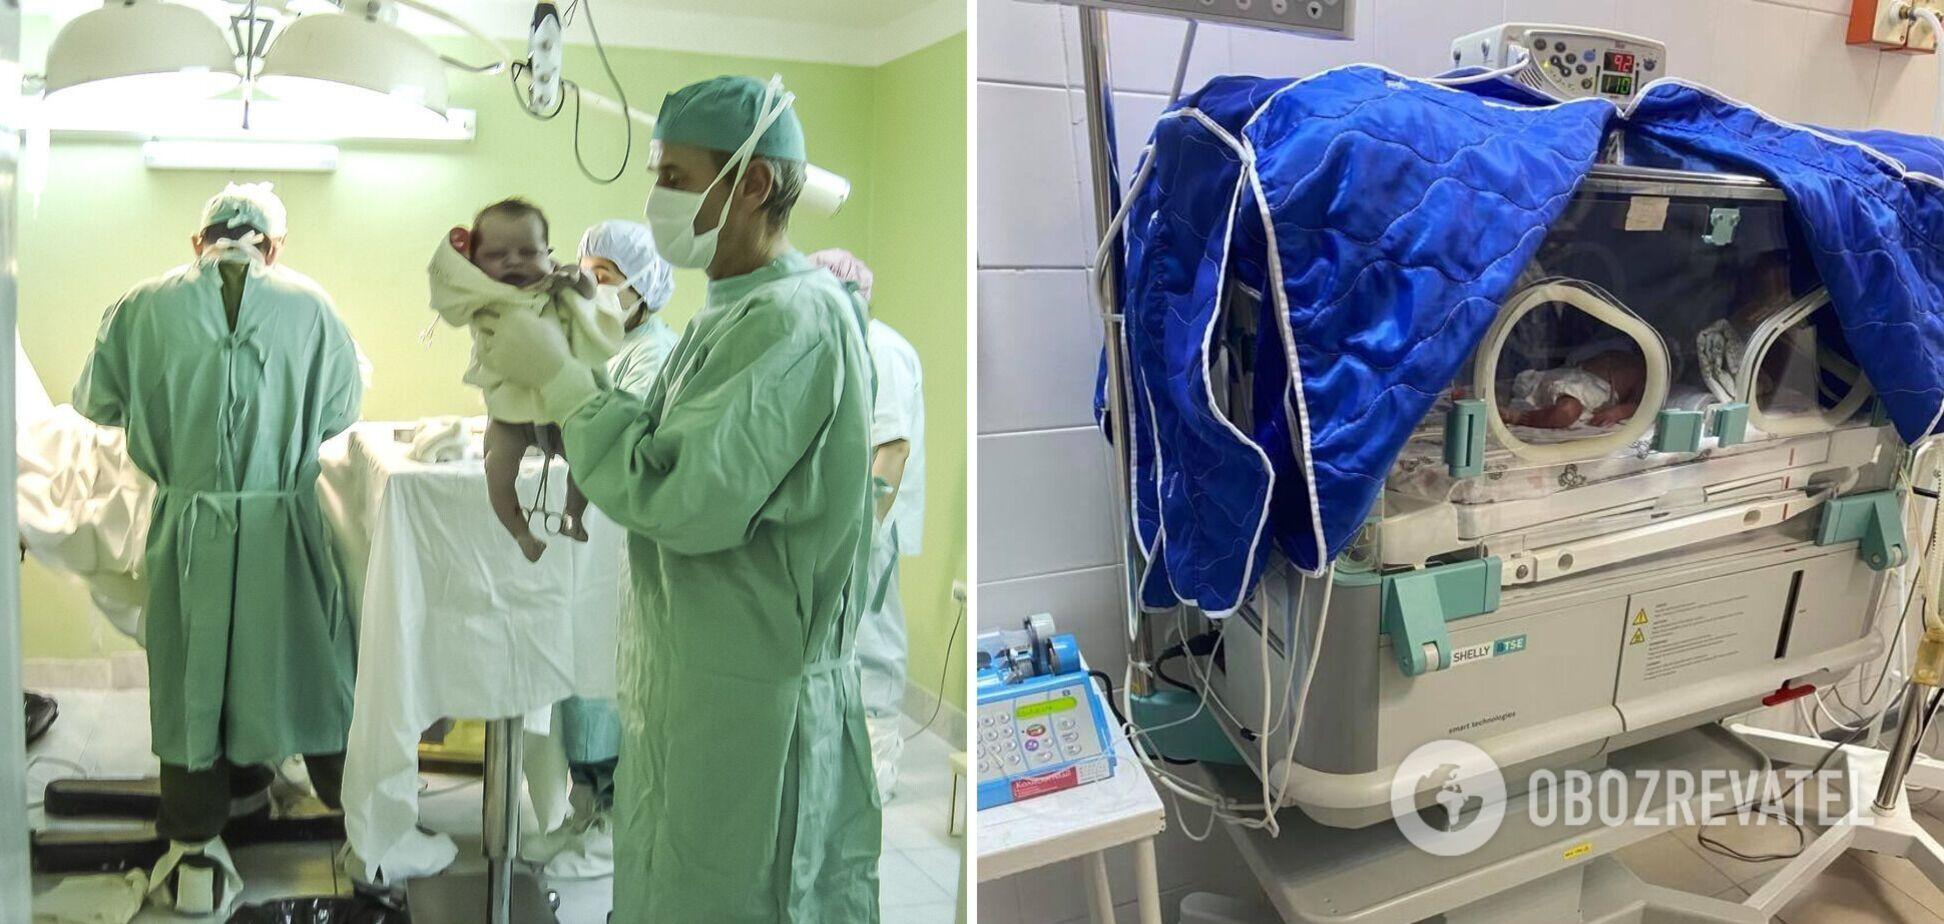 Ужгородские врачи спасли жизнь недоношенным тройняшкам: таких операций ранее в Украине не делали. Фото